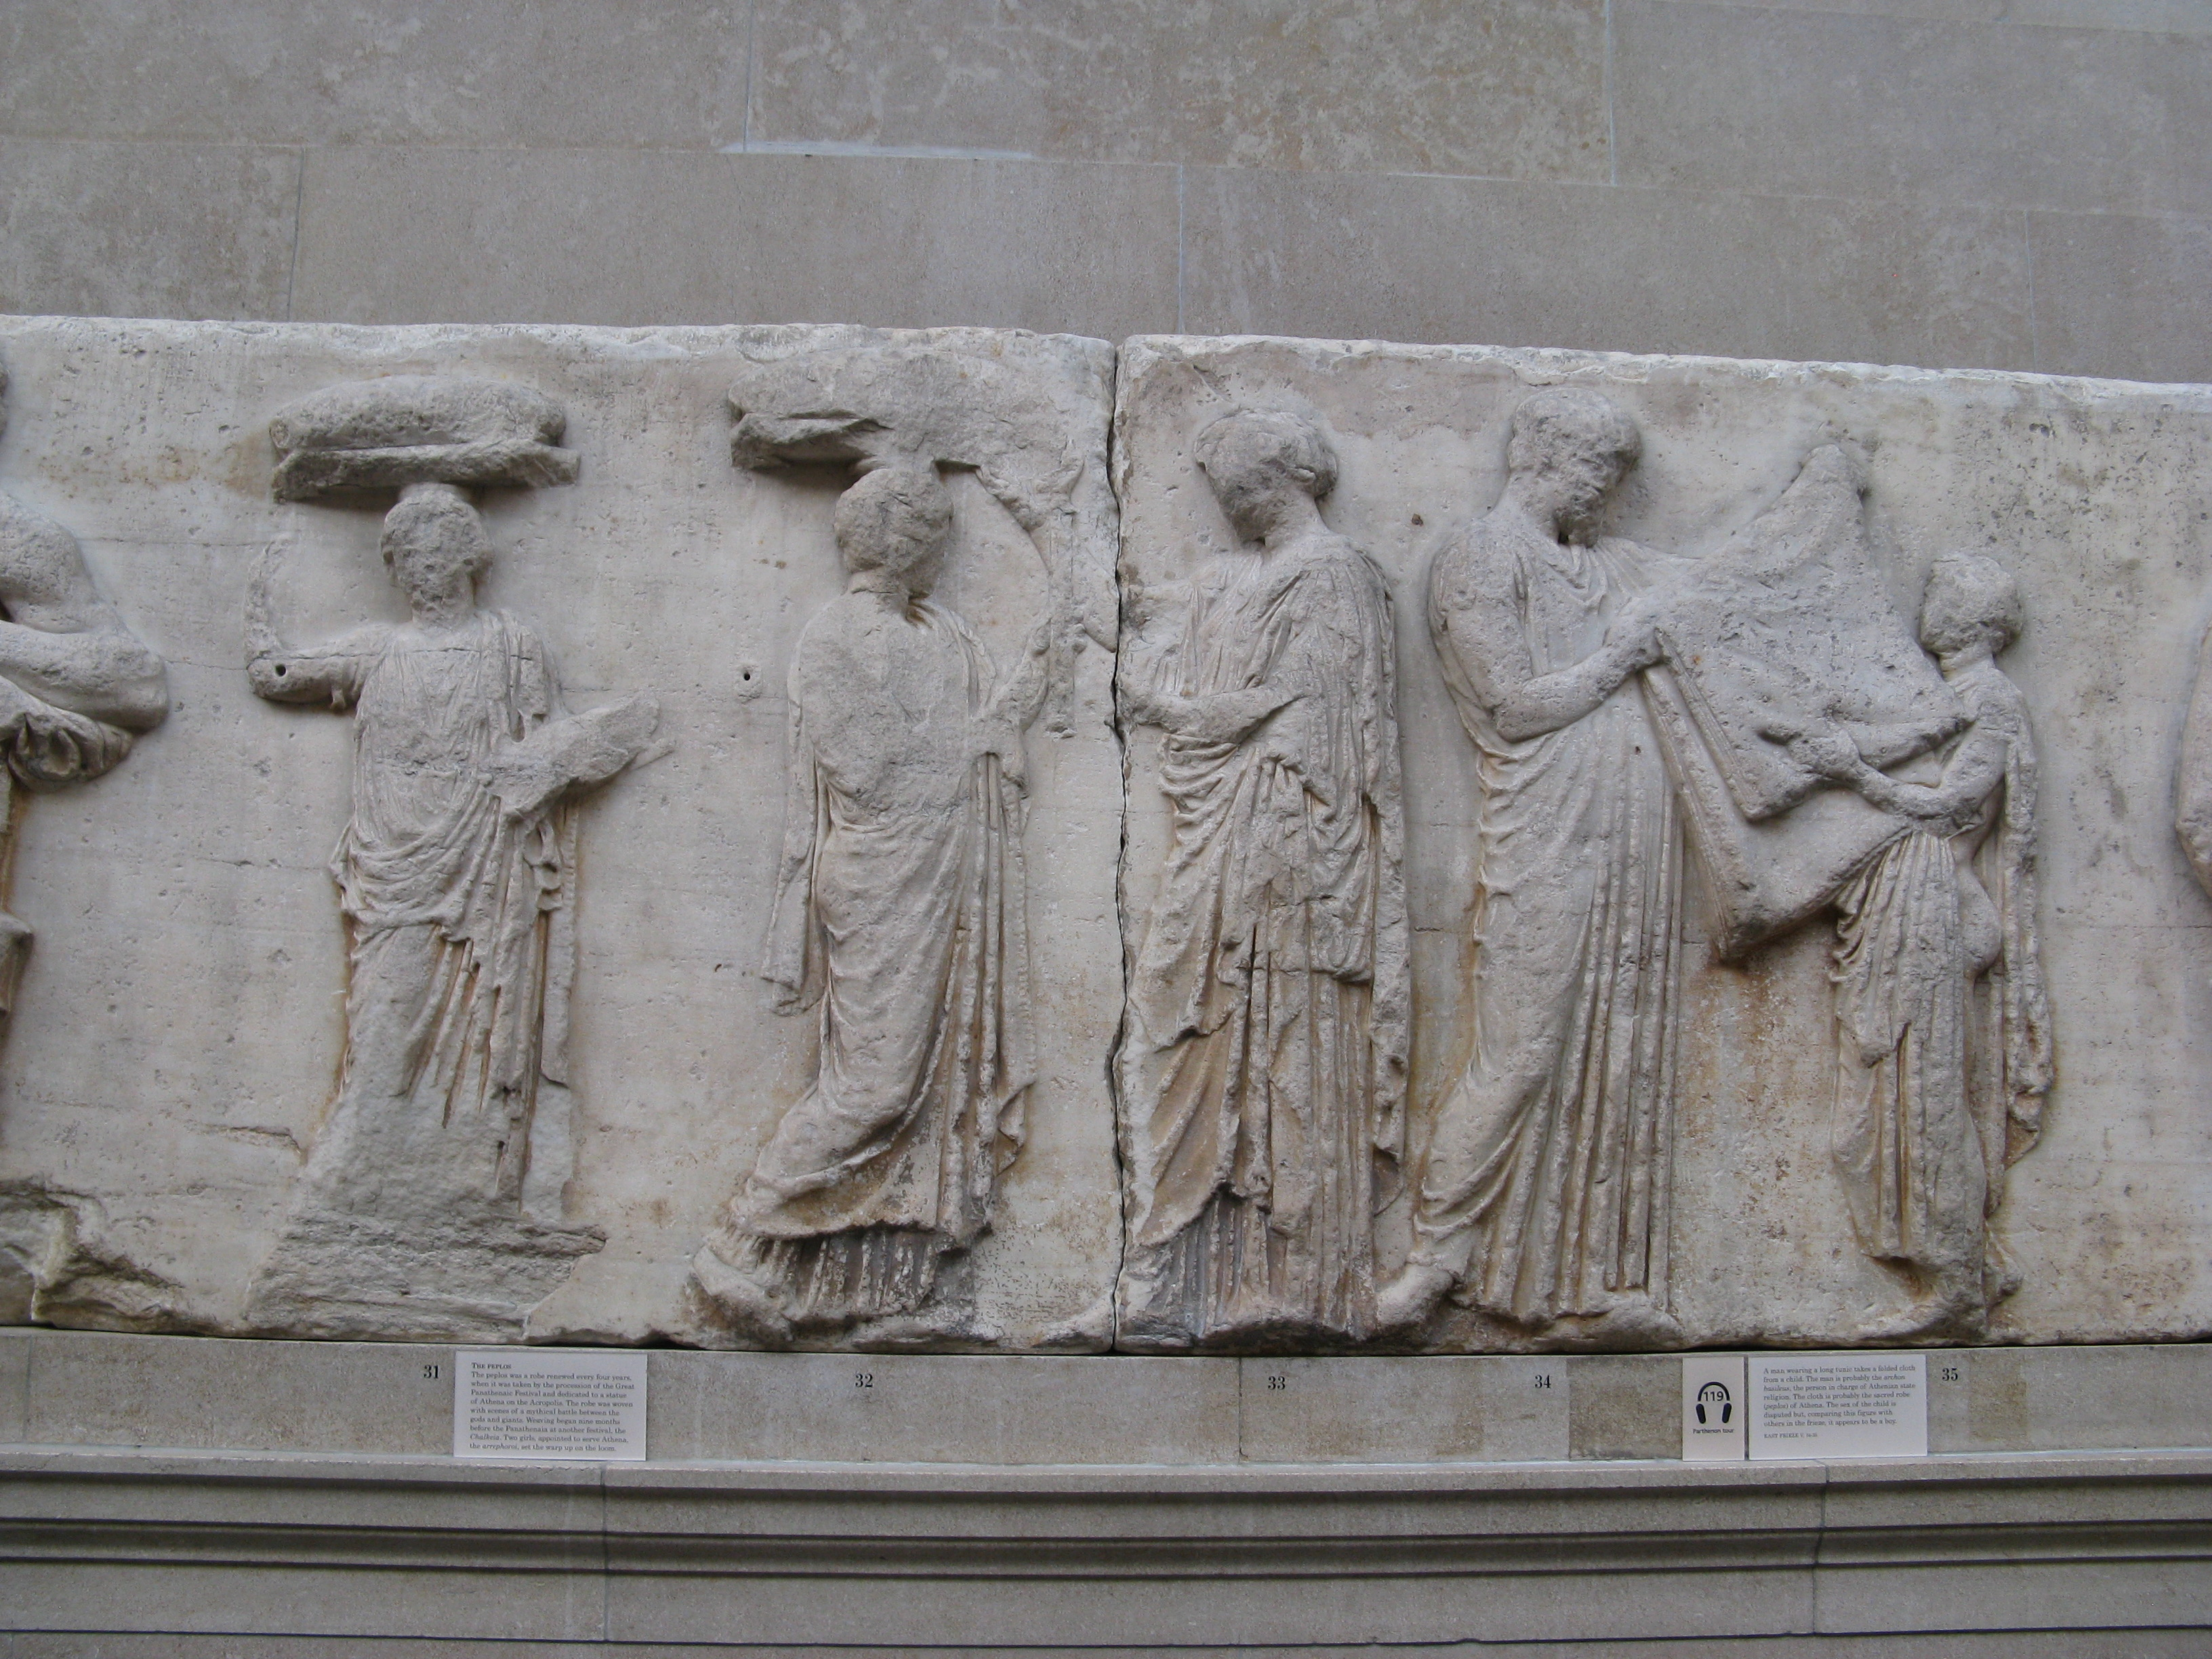 HISTORIA DEL ARTE: Partenón